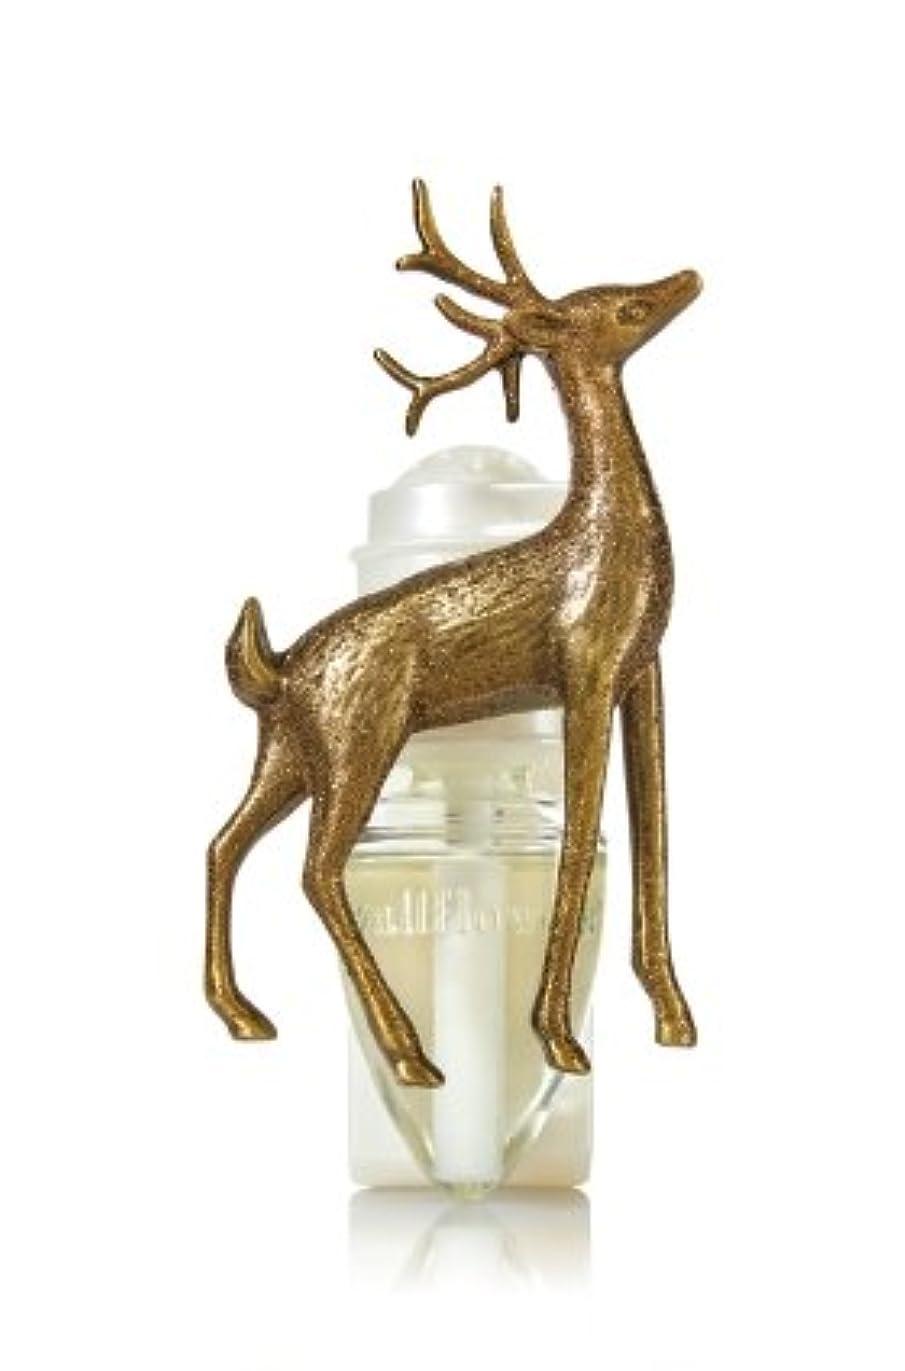 上流の契約する髄【Bath&Body Works/バス&ボディワークス】 ルームフレグランス プラグインスターター (本体のみ) ウッドランドディアー Wallflowers Fragrance Plug Woodland Deer [...